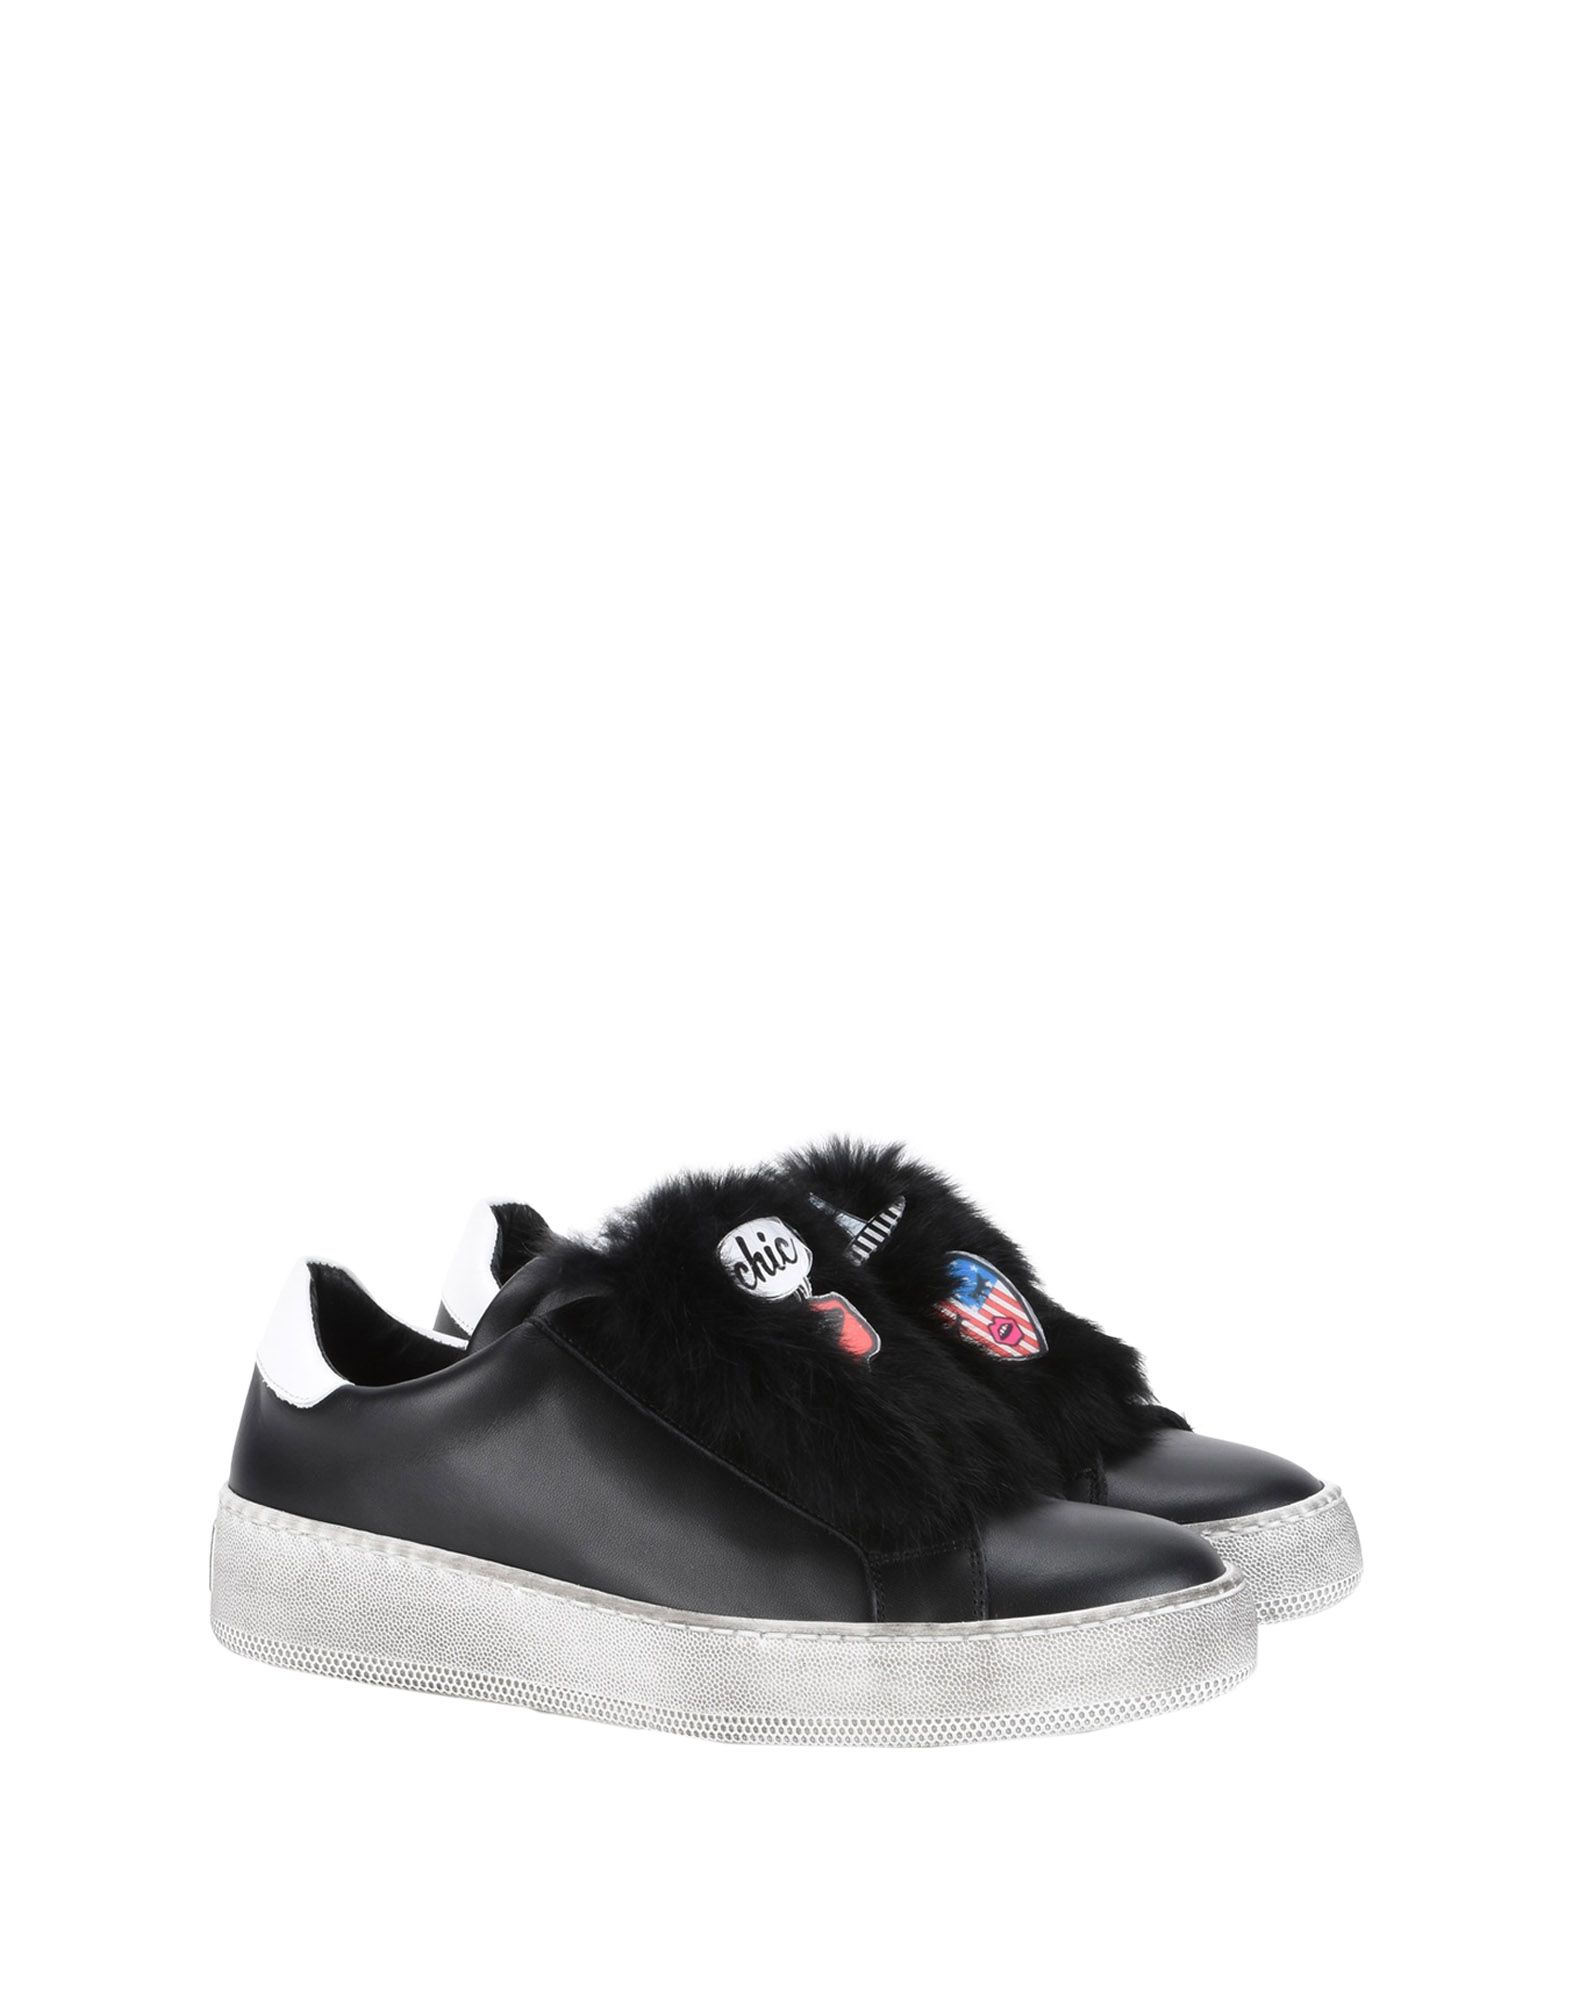 Sneakers George J. Love Femme - Sneakers George J. Love sur